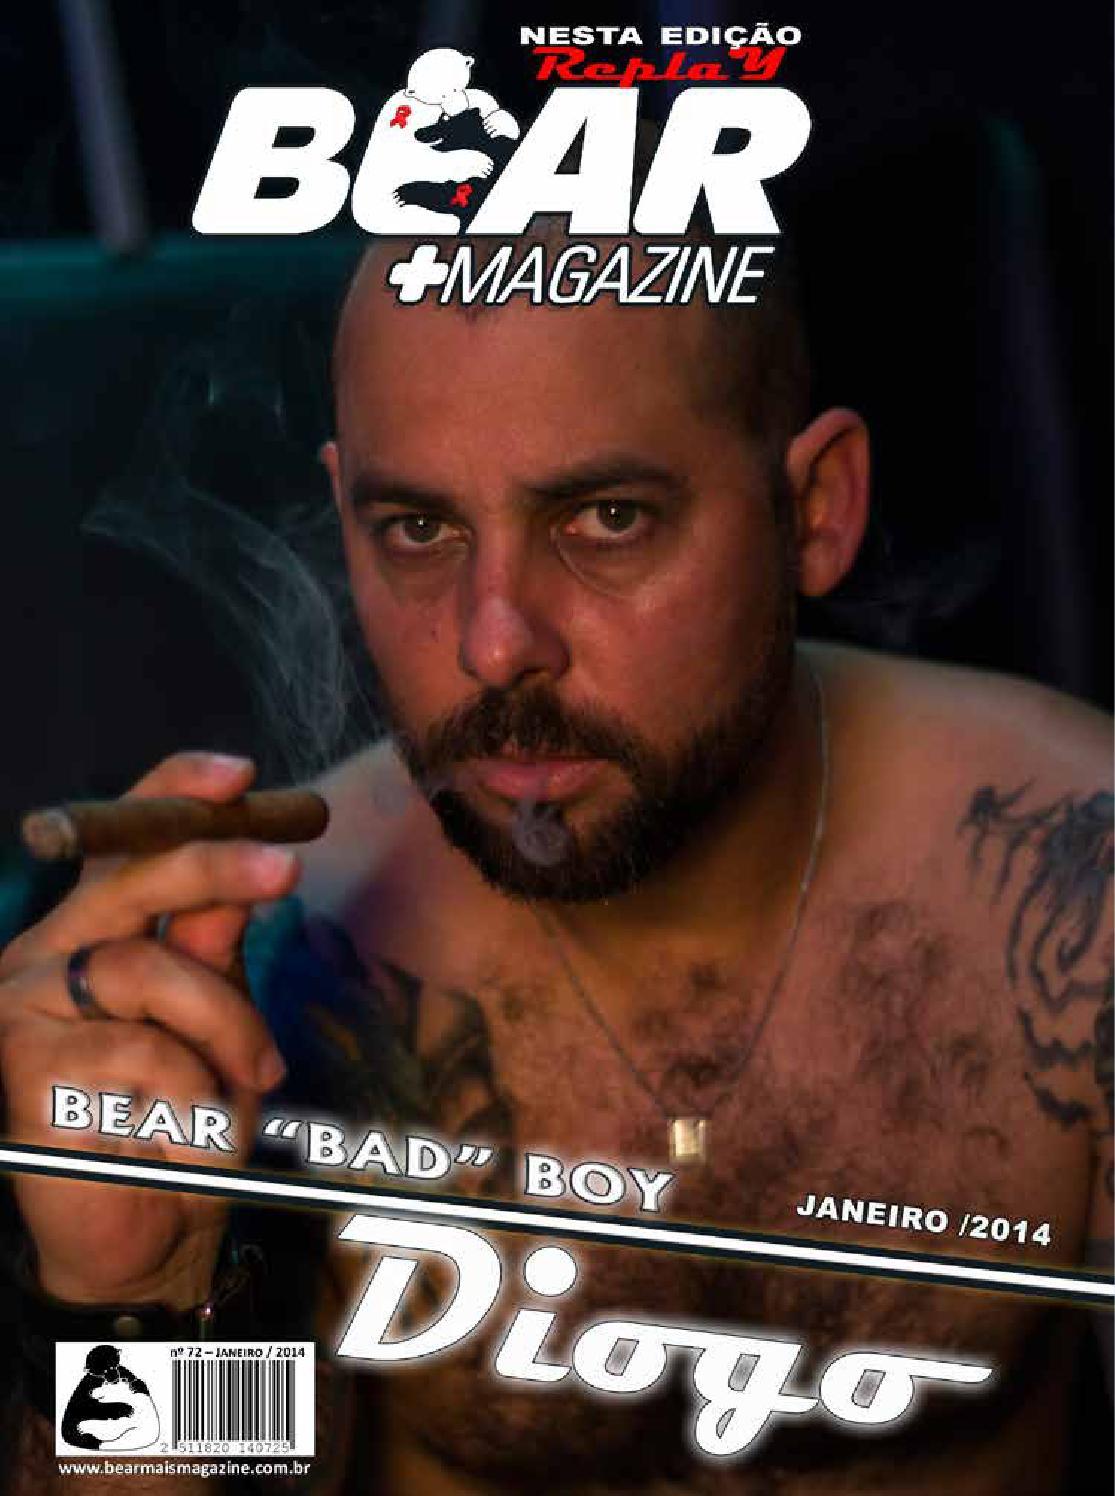 Actores Pornos Classicos edição 72 - replay - diogo - janeiro 2014marcelo gomes